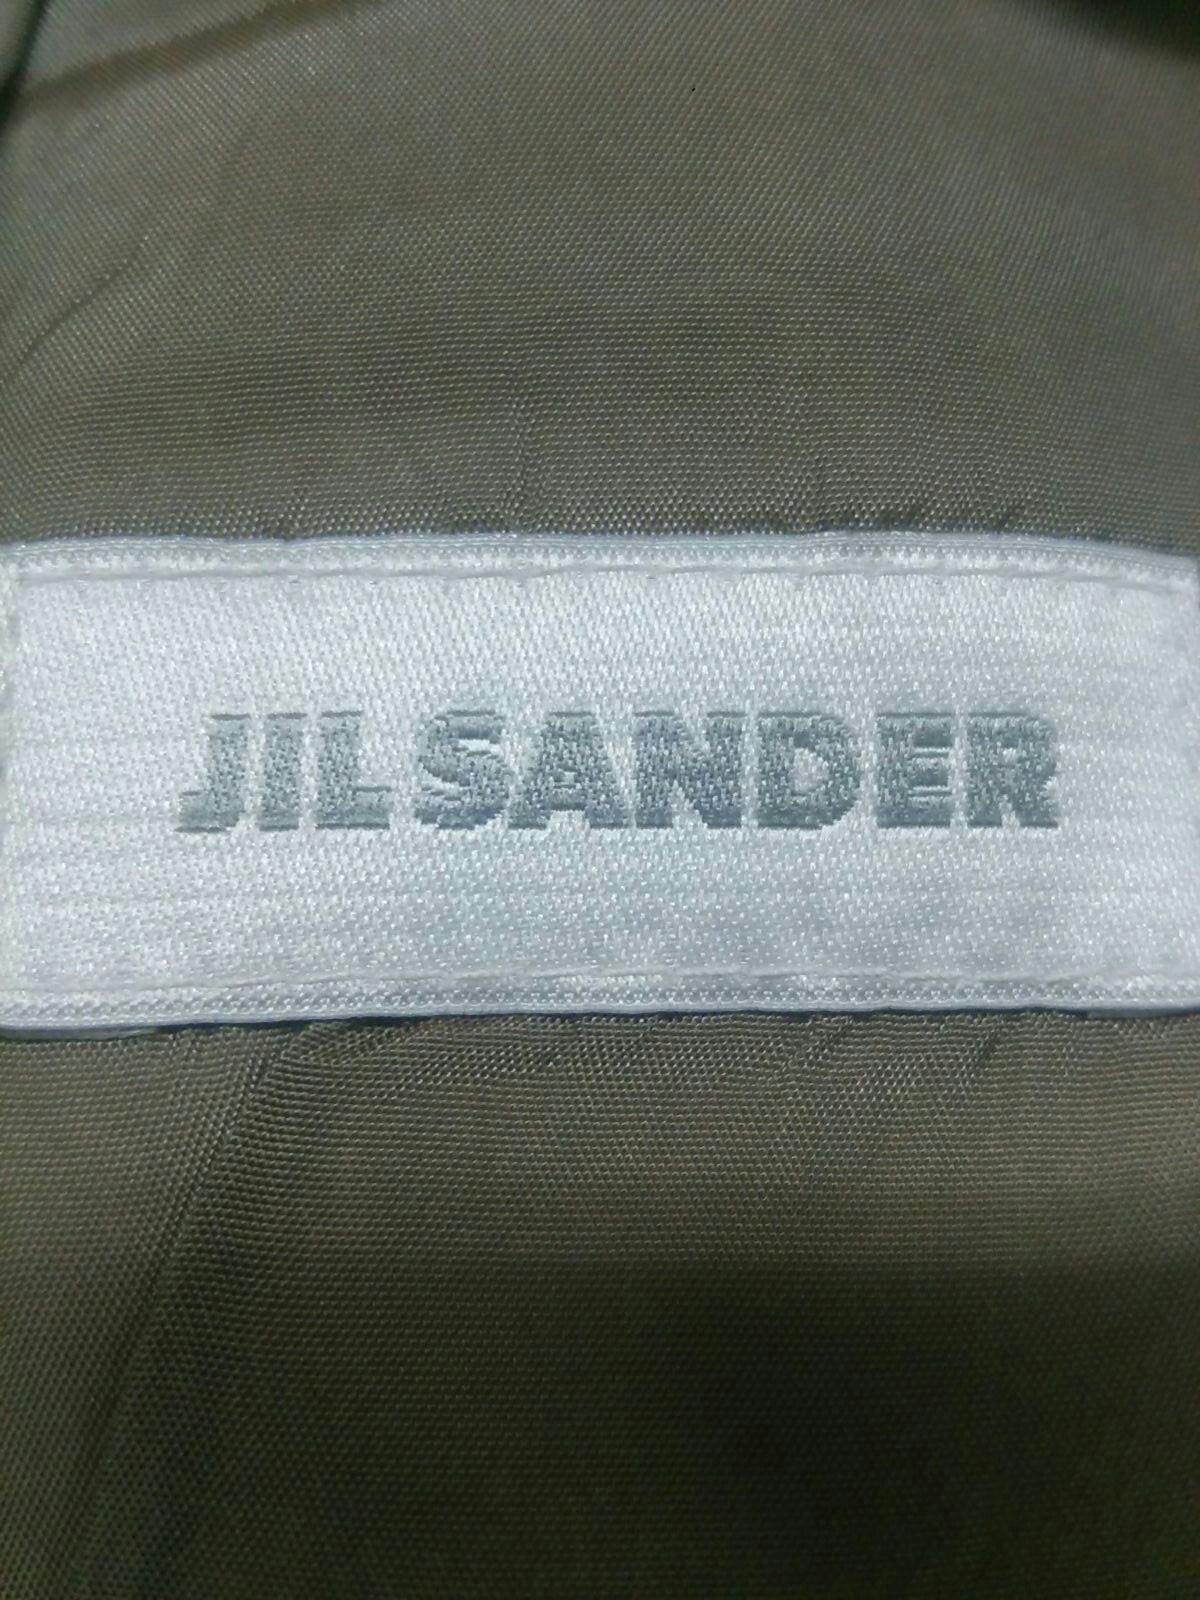 JILSANDER(ジルサンダー)のブルゾン